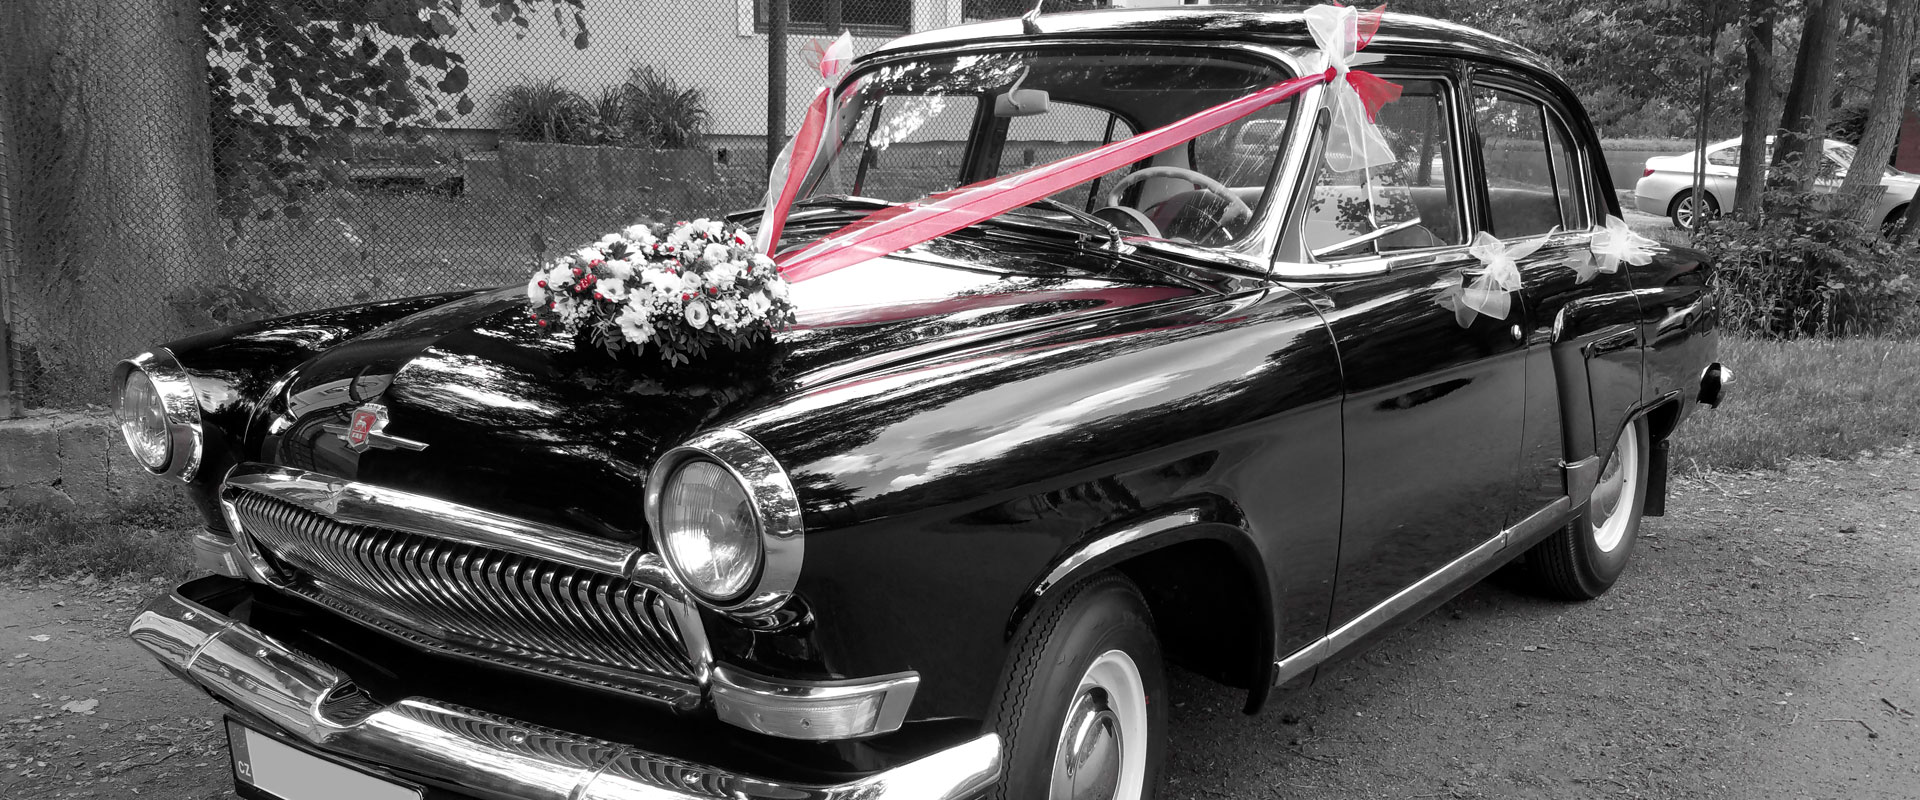 Pronájem luxusní limuzíny v okolí měst - Kolín, Pardubice, Hradec Králové, Jihlava, Mladá Boleslav, Kutná Hora